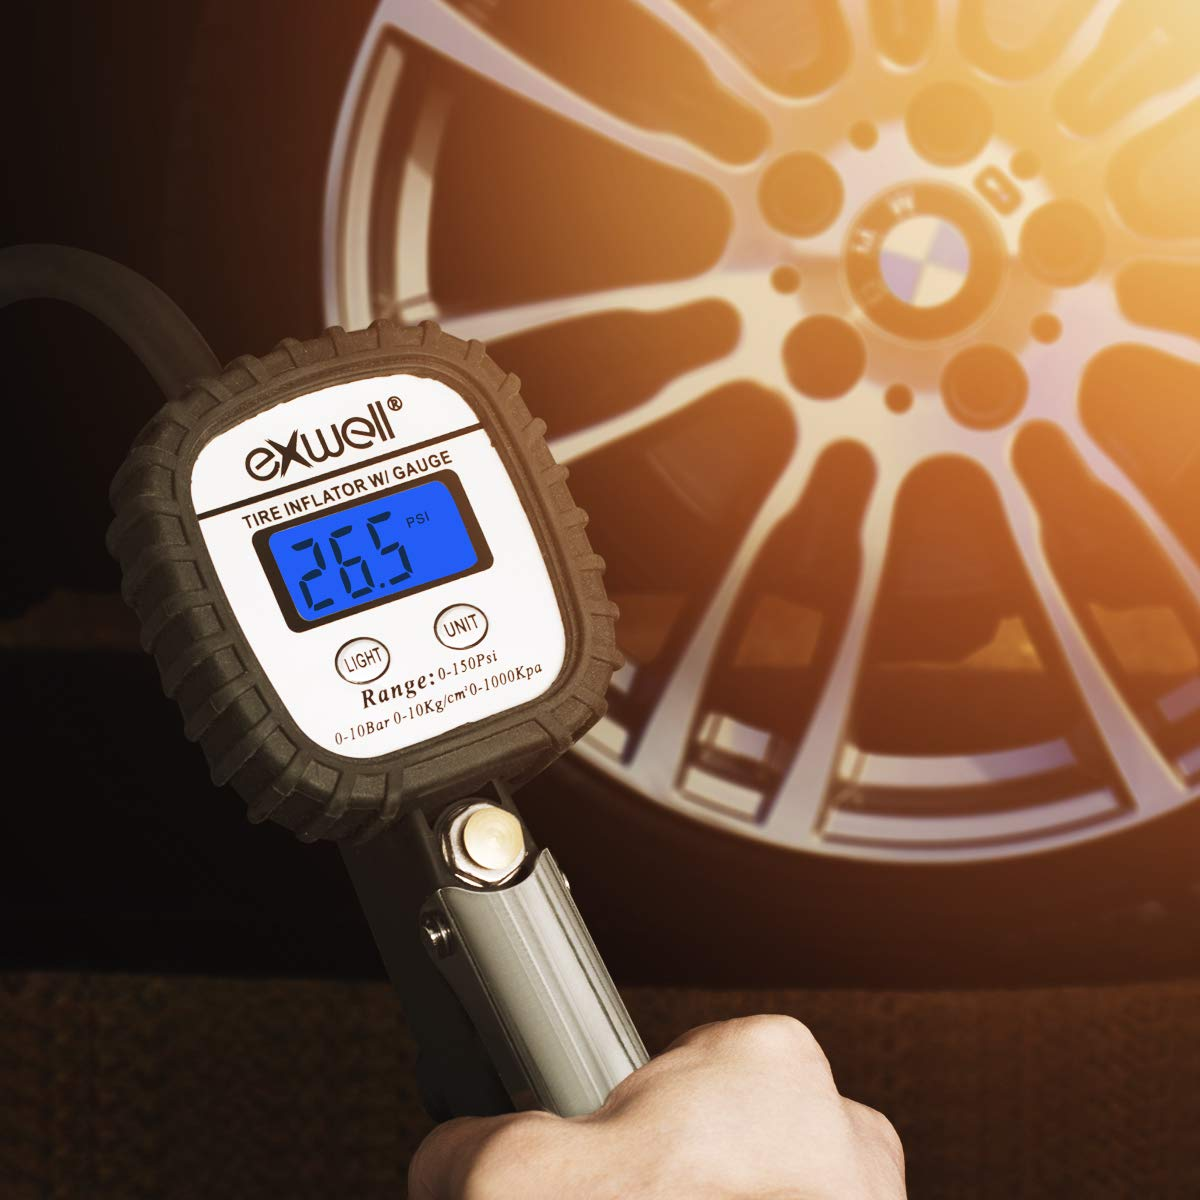 RANIACOExwell Exwell Tyre Pressure Gauge Classic Digital Tyre Gauge